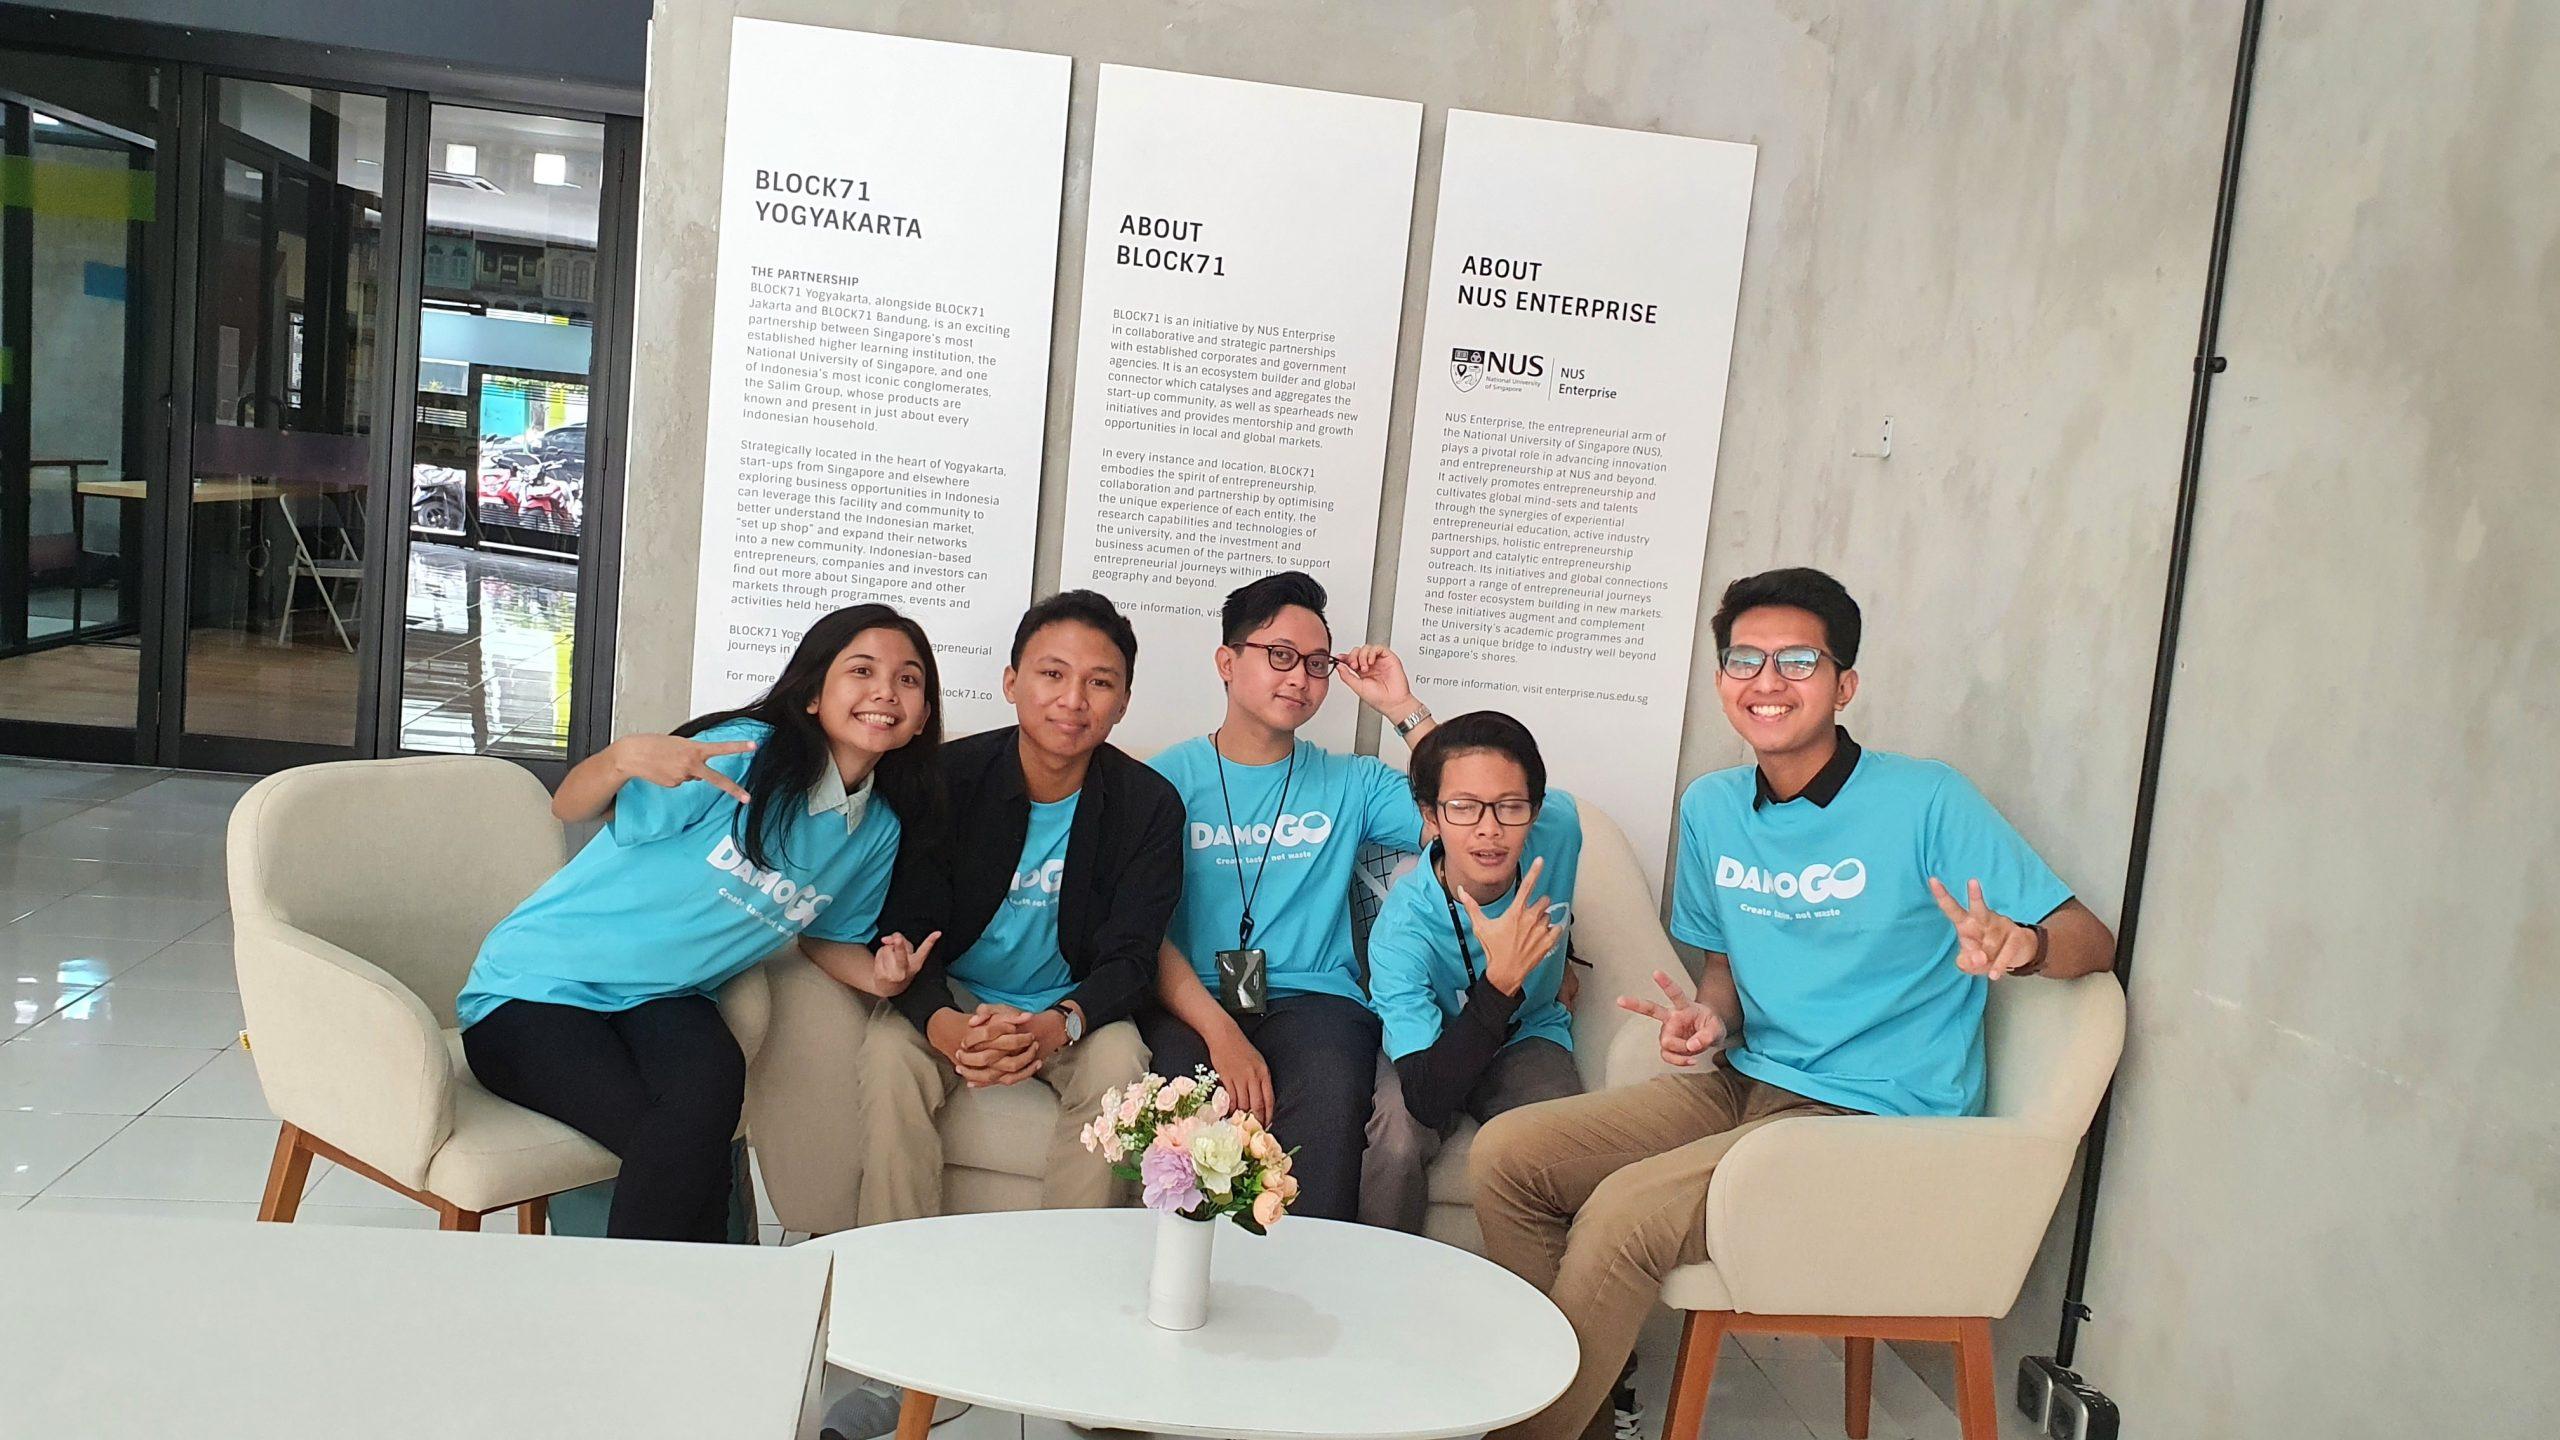 [:en]Tim DamoGO Indonesia, start-up yang dikembangkan oleh Lin Hwang dan dan Muhammad Farras sejak September 2018 (Foto: DamoGO)[:]